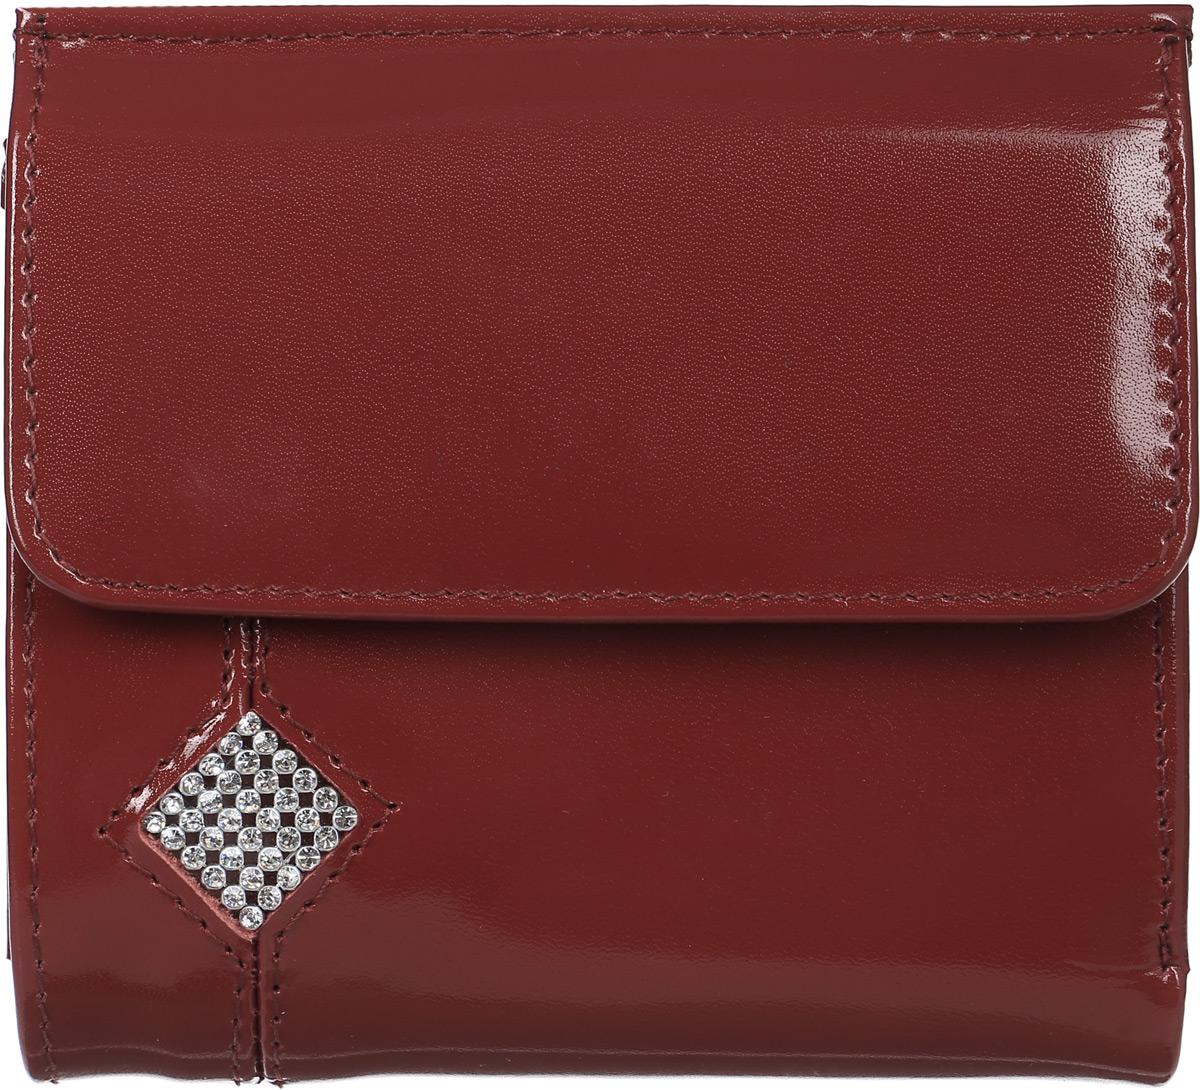 Кошелек женский Dimanche Гранат, цвет: бордовый. 133133Женский кошелек Dimanche Гранат выполнен из натуральной кожи бордового цвета, декорирован мелкими стразами, выстроенным в форме ромба и состоит из двух отделений. Внутри одного из них находятся два кармана для купюр, разделенные перегородкой, и большой карман на застежке-молнии. Внутри другого отделения расположены кармашек с пластиковым прозрачным окошком, четыре кармашка для кредитных карт или визиток и карман для sim-карты. На передней стенке находится объемный карман для мелочи, закрывающееся клапаном с кнопкой, внутри которого имеется небольшой кармашек без застежки. Такой кошелек станет отличным подарком для человека, ценящего качественные и стильные вещи. Кошелек упакован в фирменную подарочную коробку.